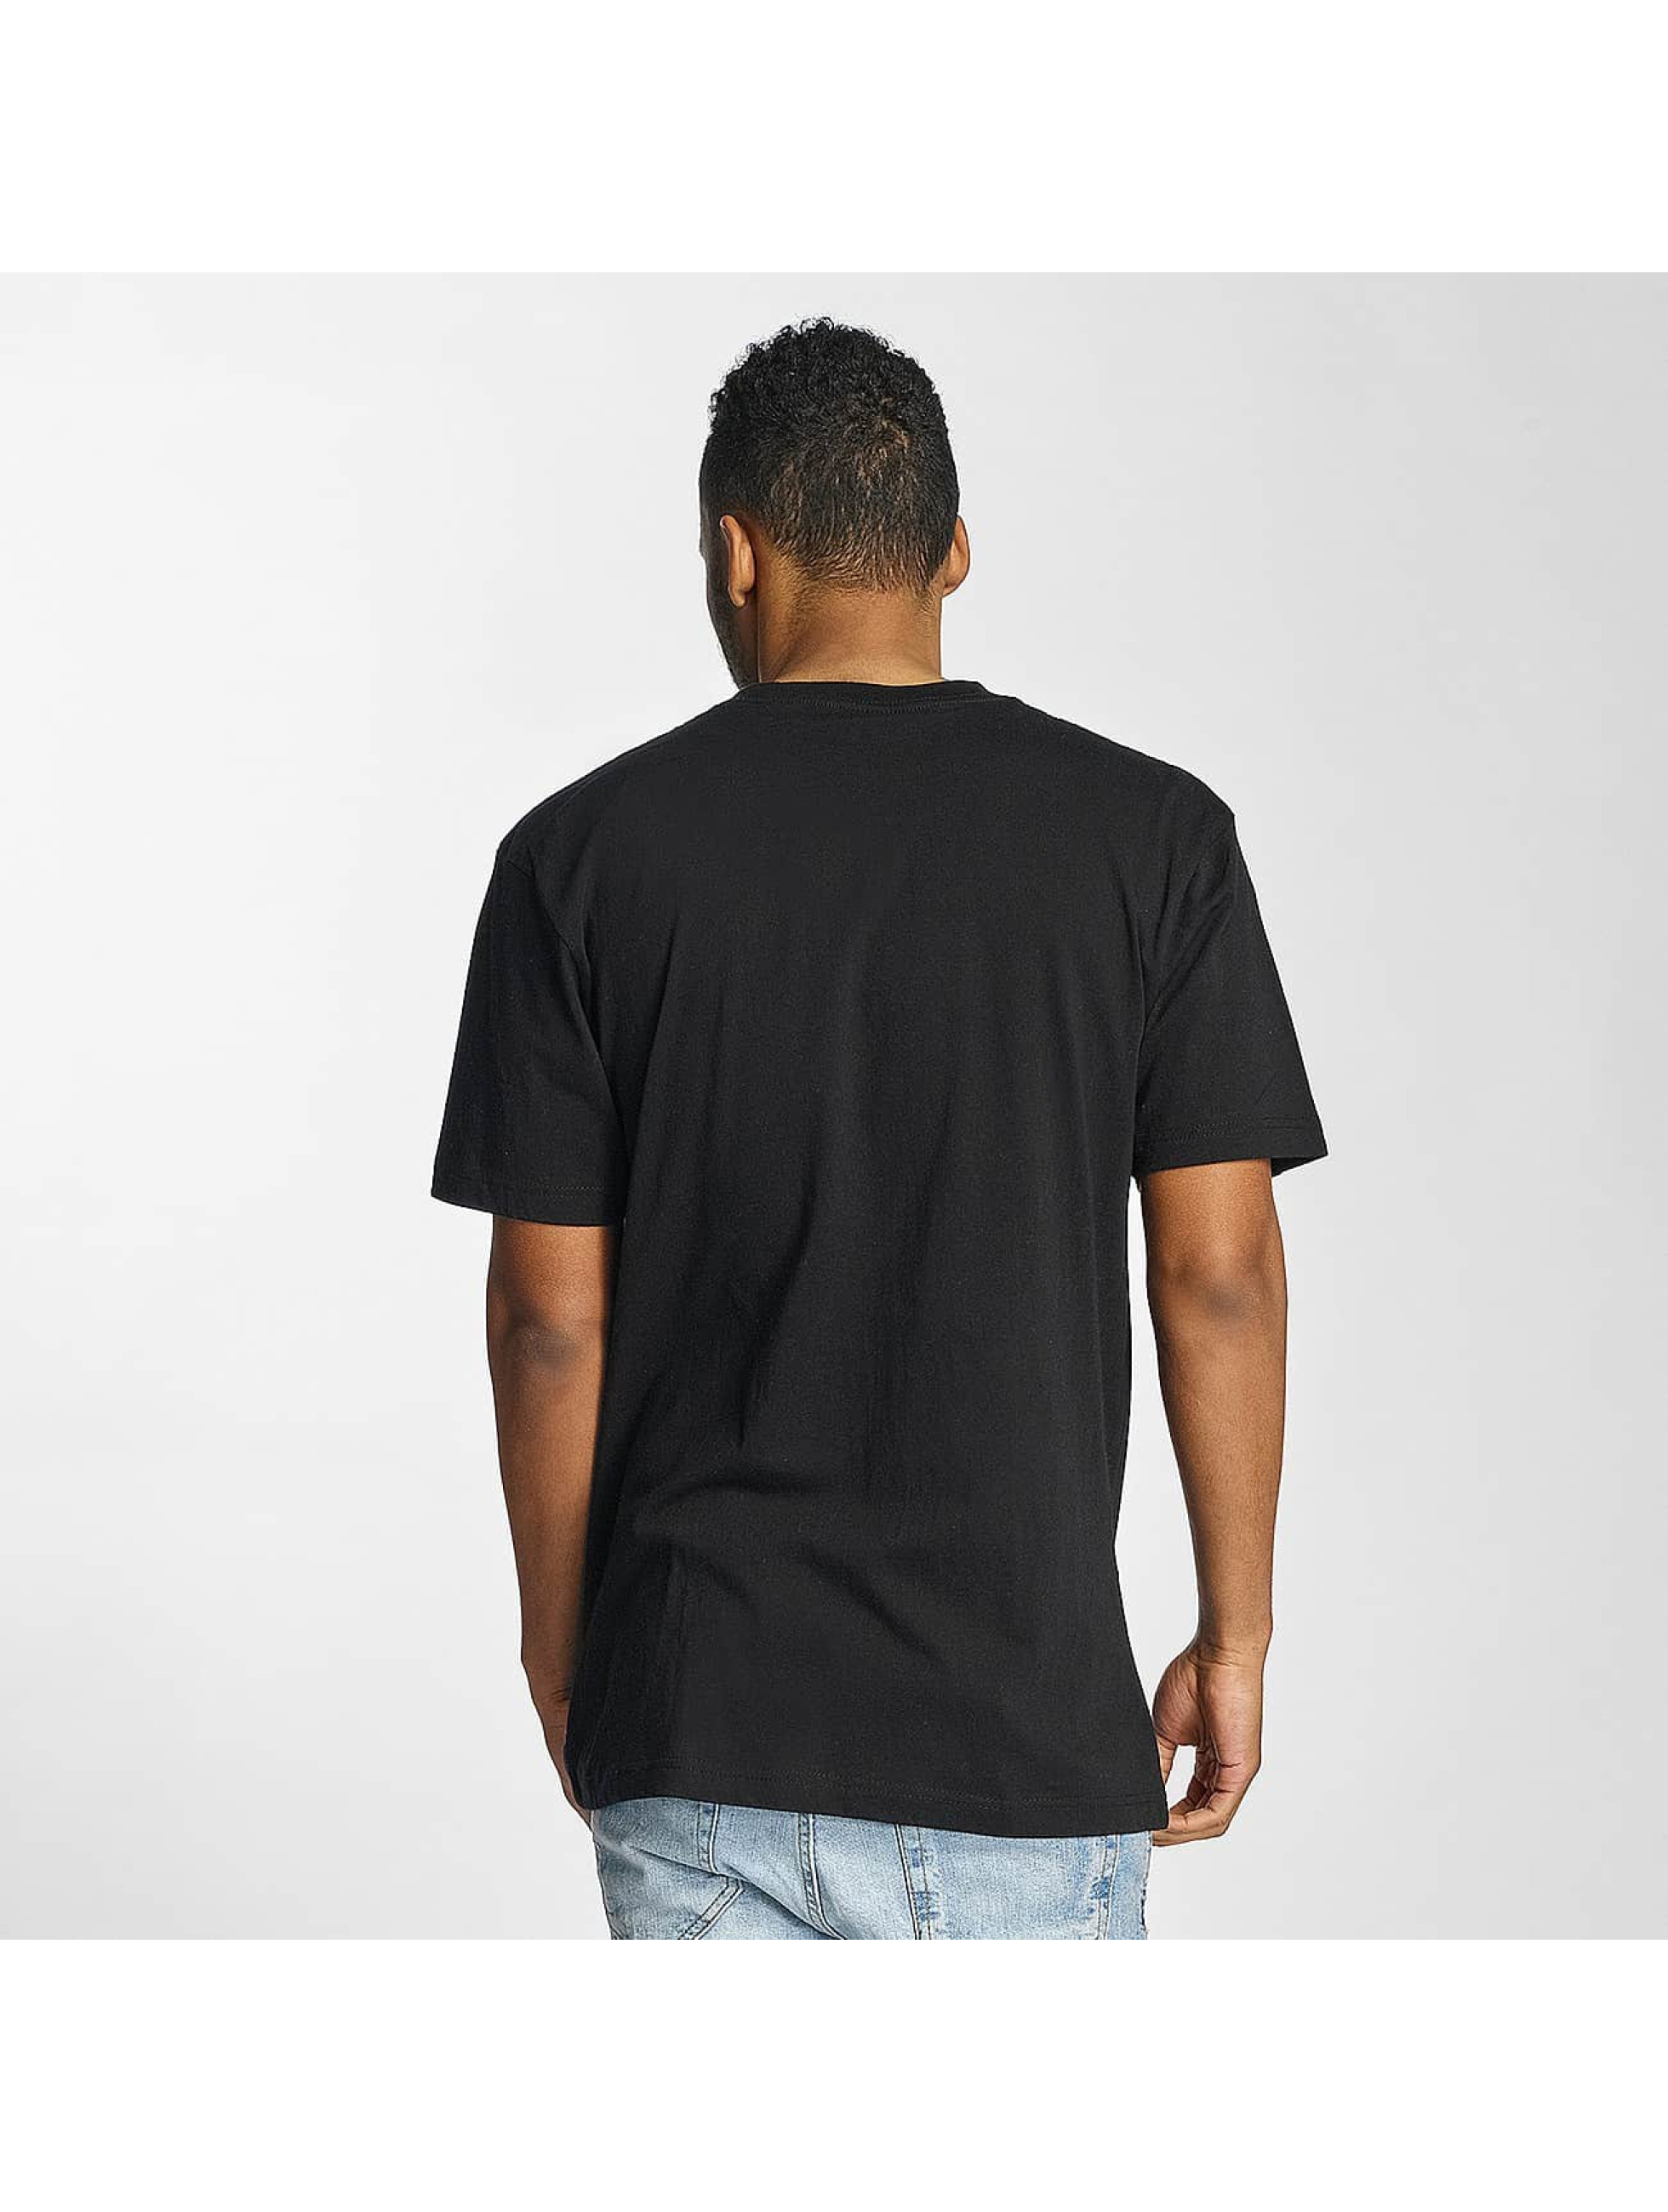 Yums-Uomini-Maglieria-T-shirt-Ballistic-nero-363619-L